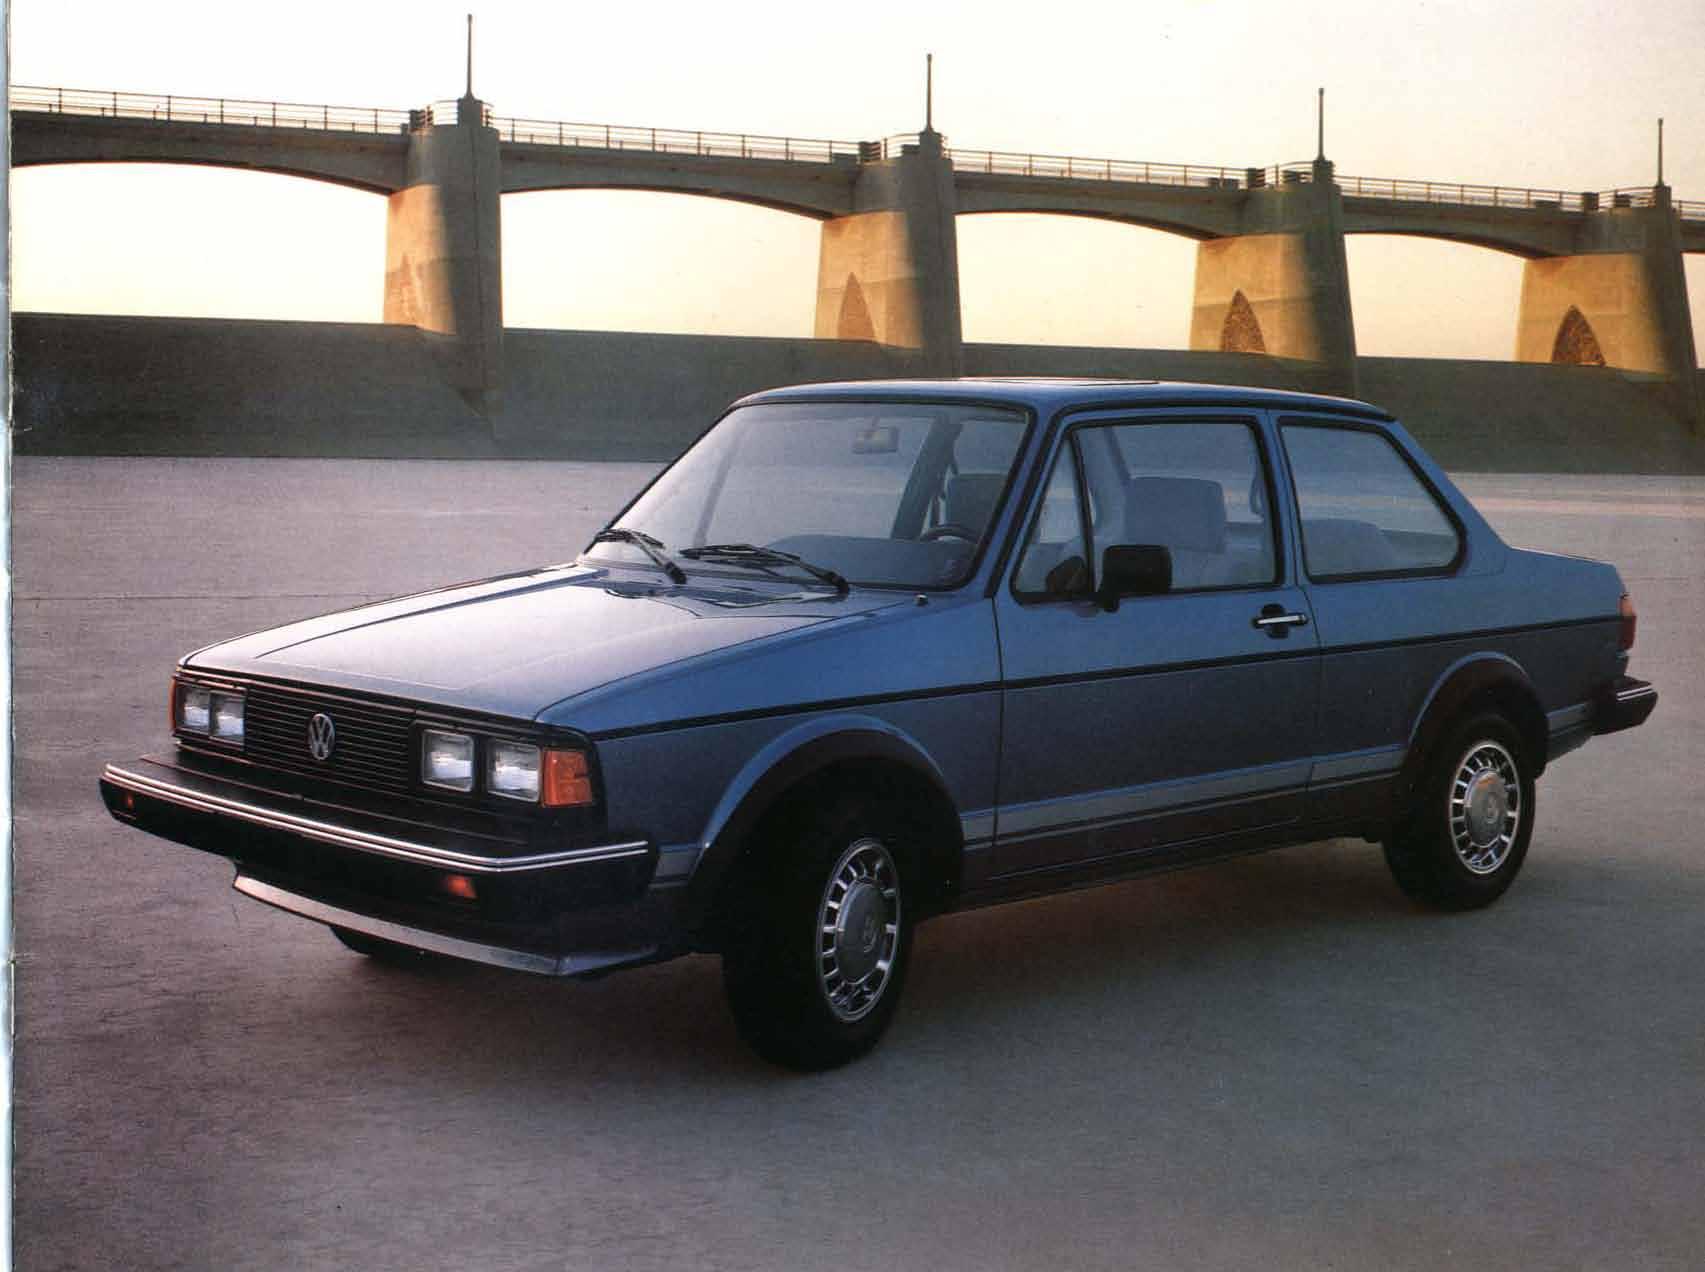 Фольксваген джетта 1984 фото